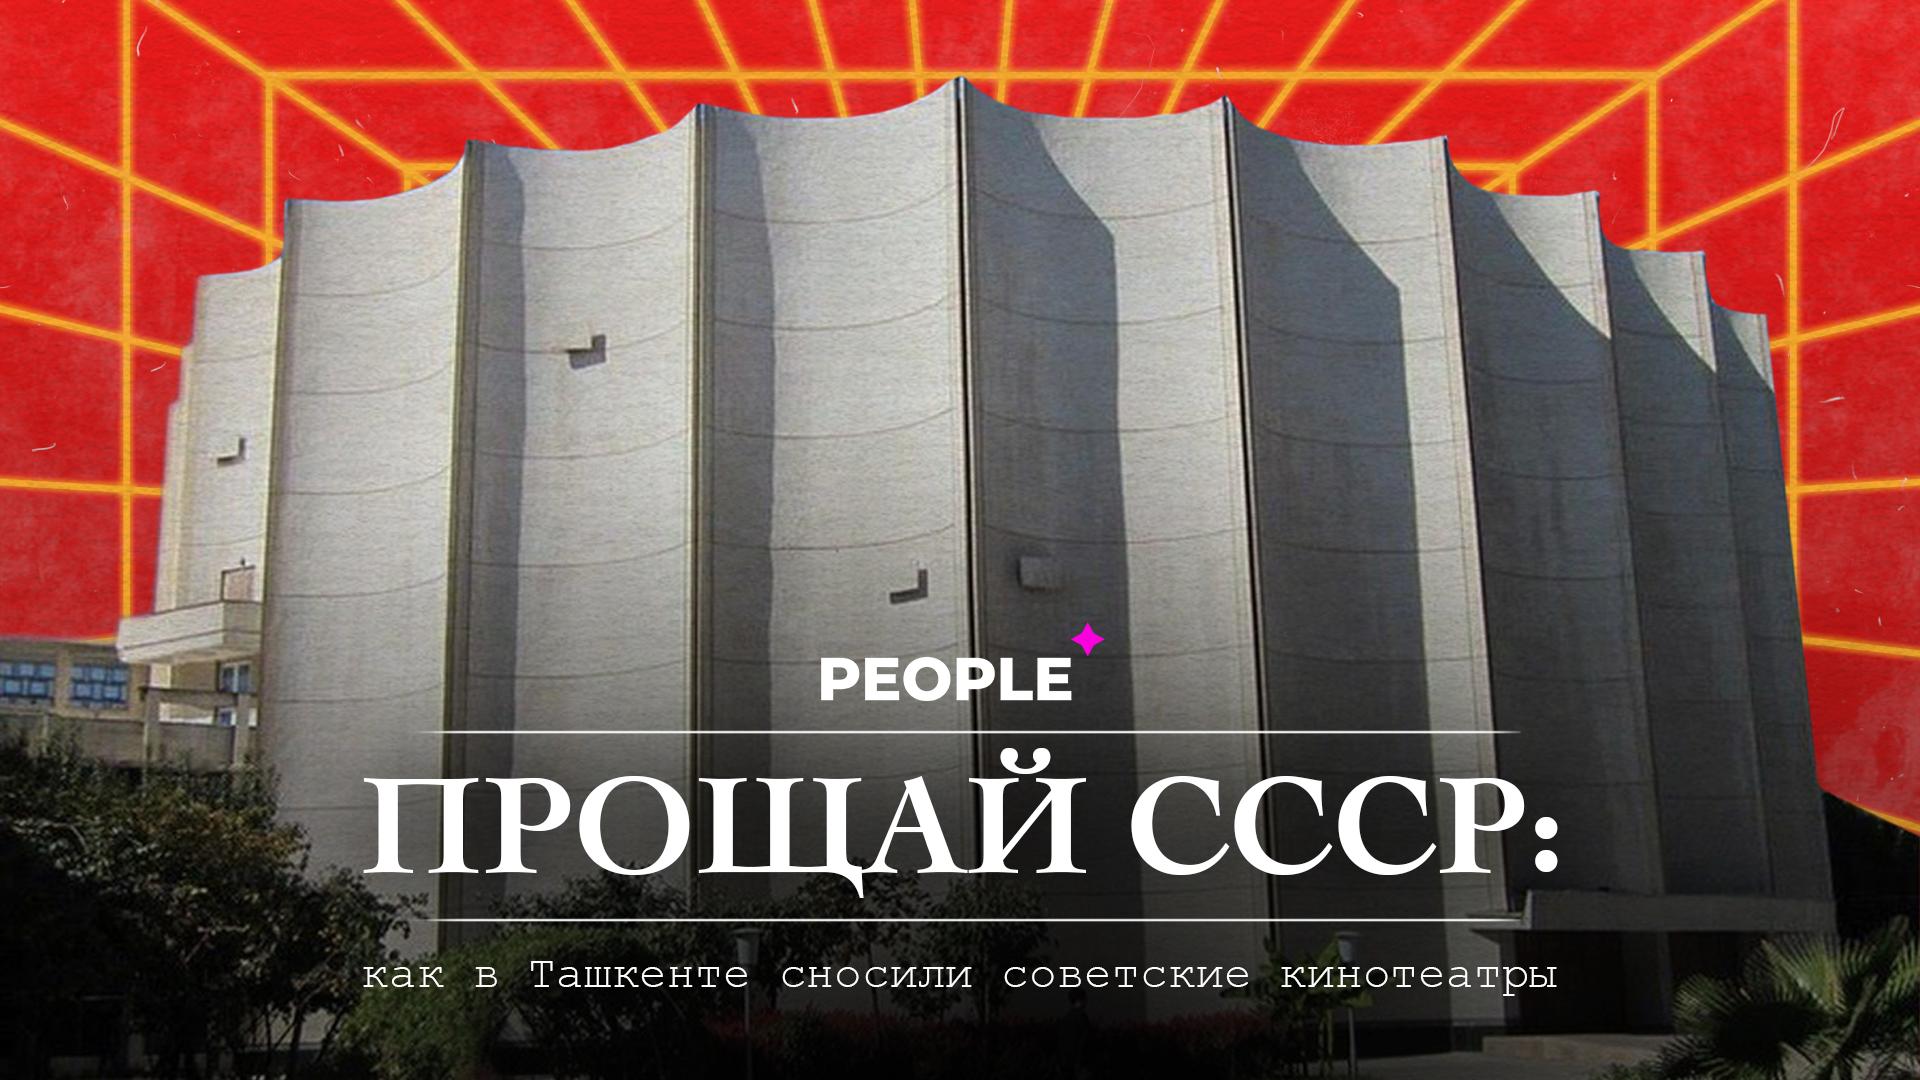 Кинотеатры Ташкента, которые остались только в воспоминаниях: грустный гид от PEOPLE